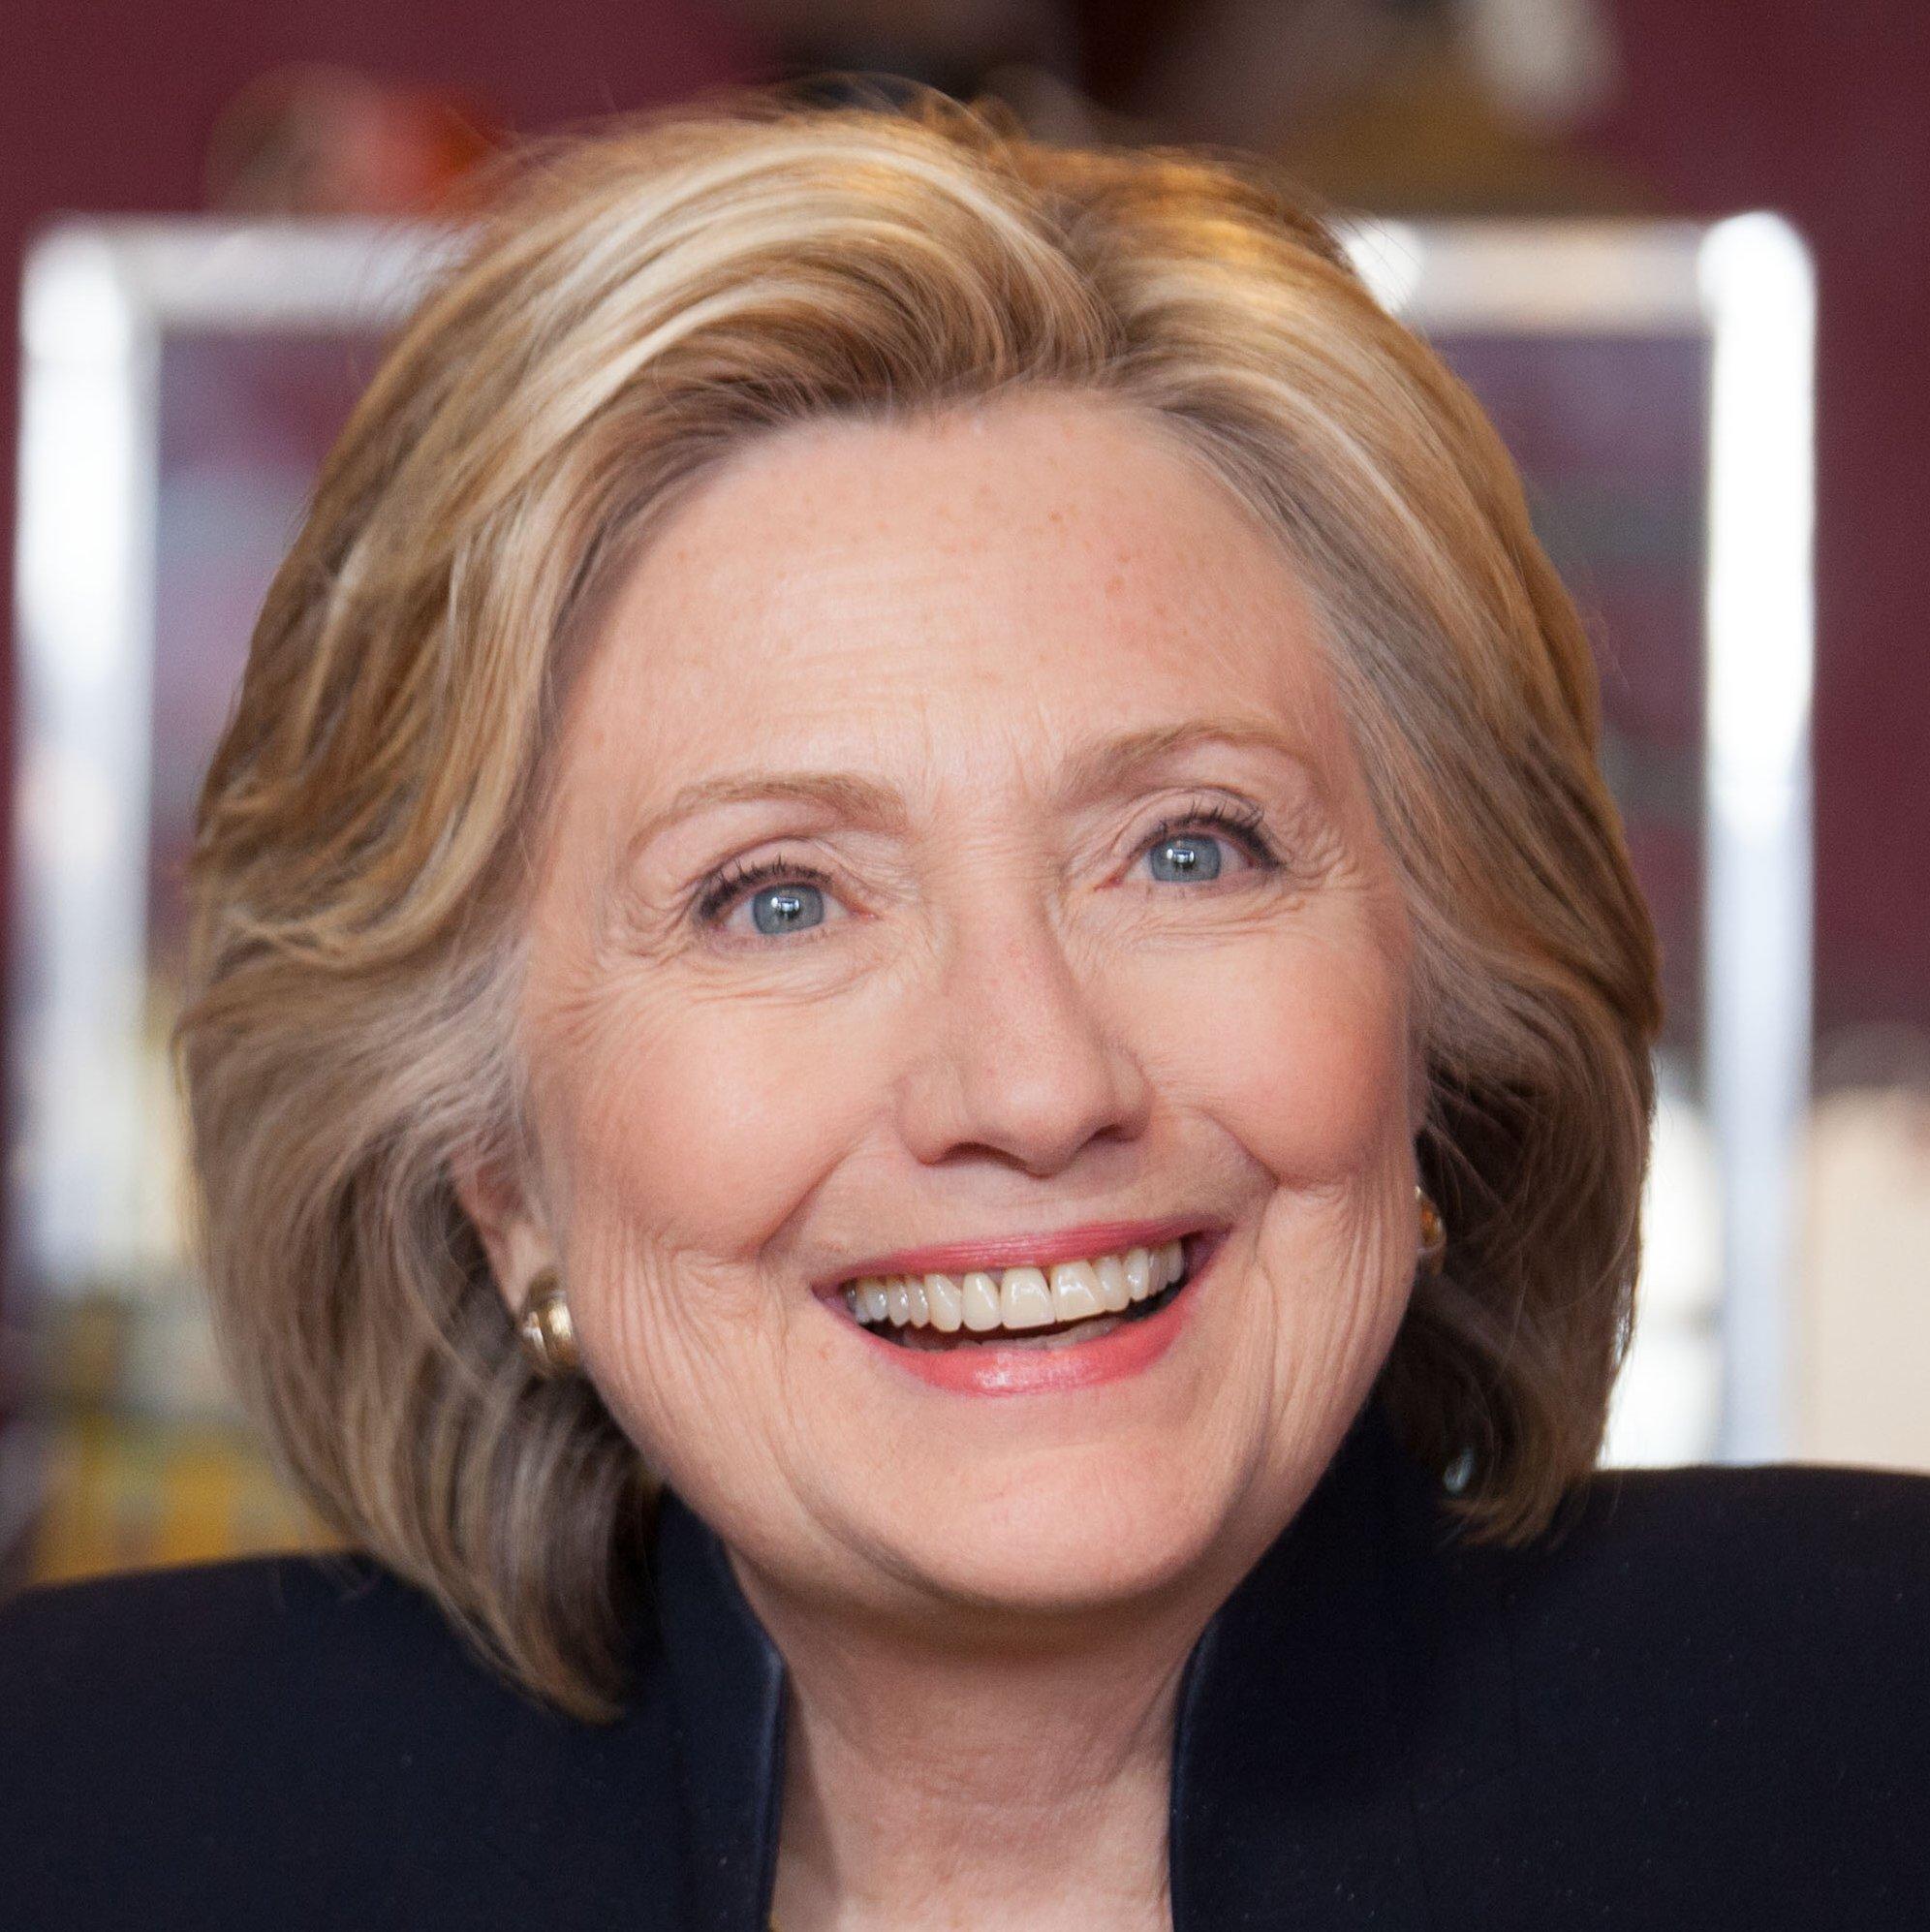 Poll: Hillary Clinton Won The First Dem Debate